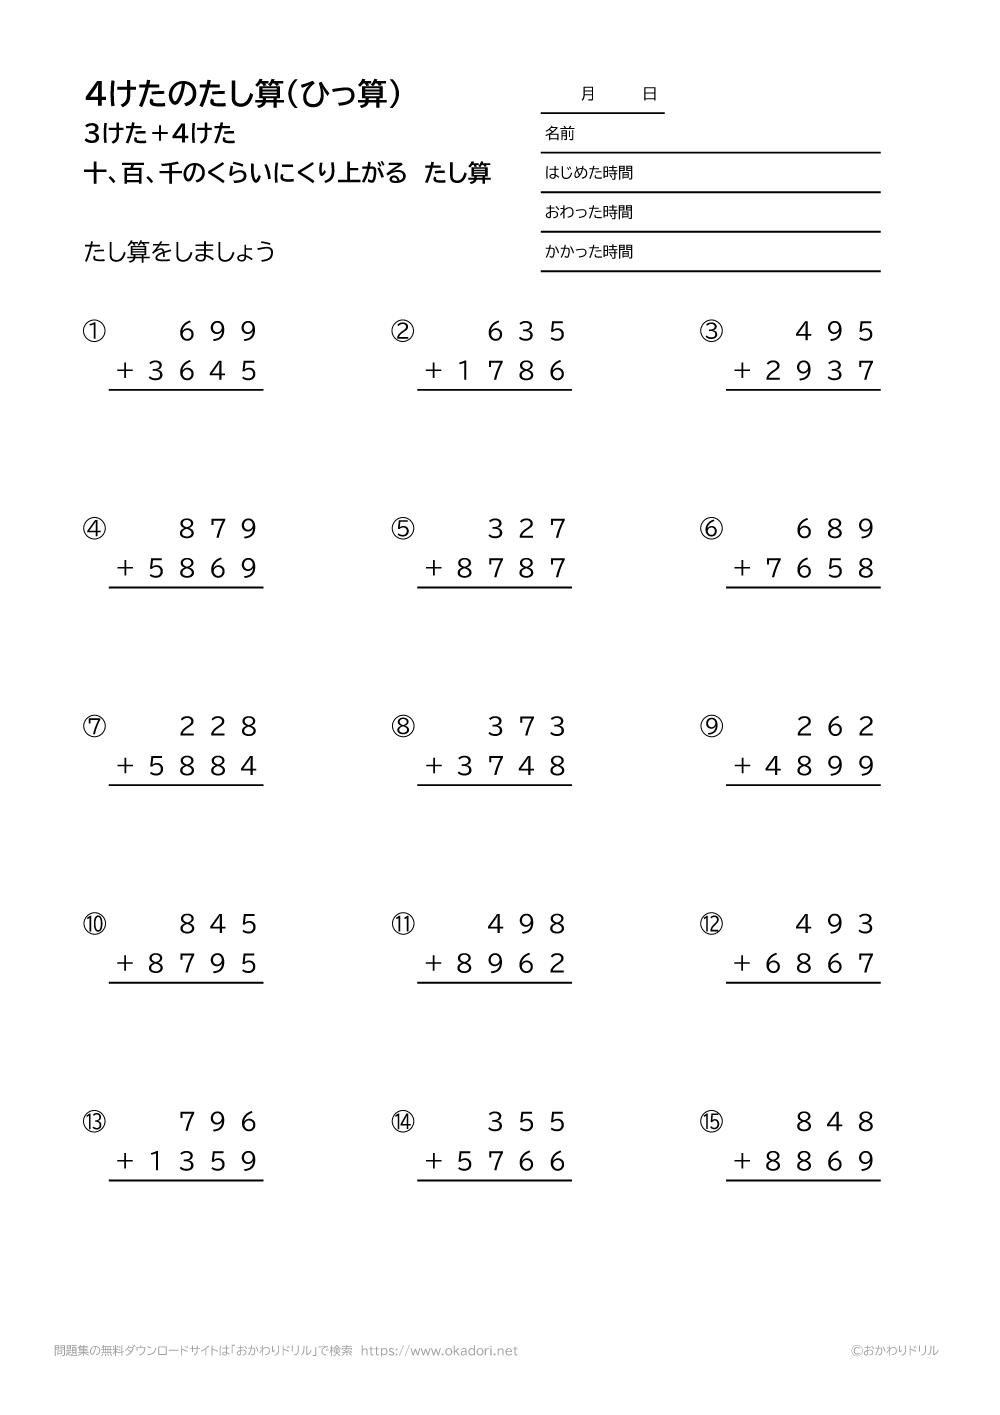 3桁+4桁の十、百、千の位に繰り上がる足し算の筆算2